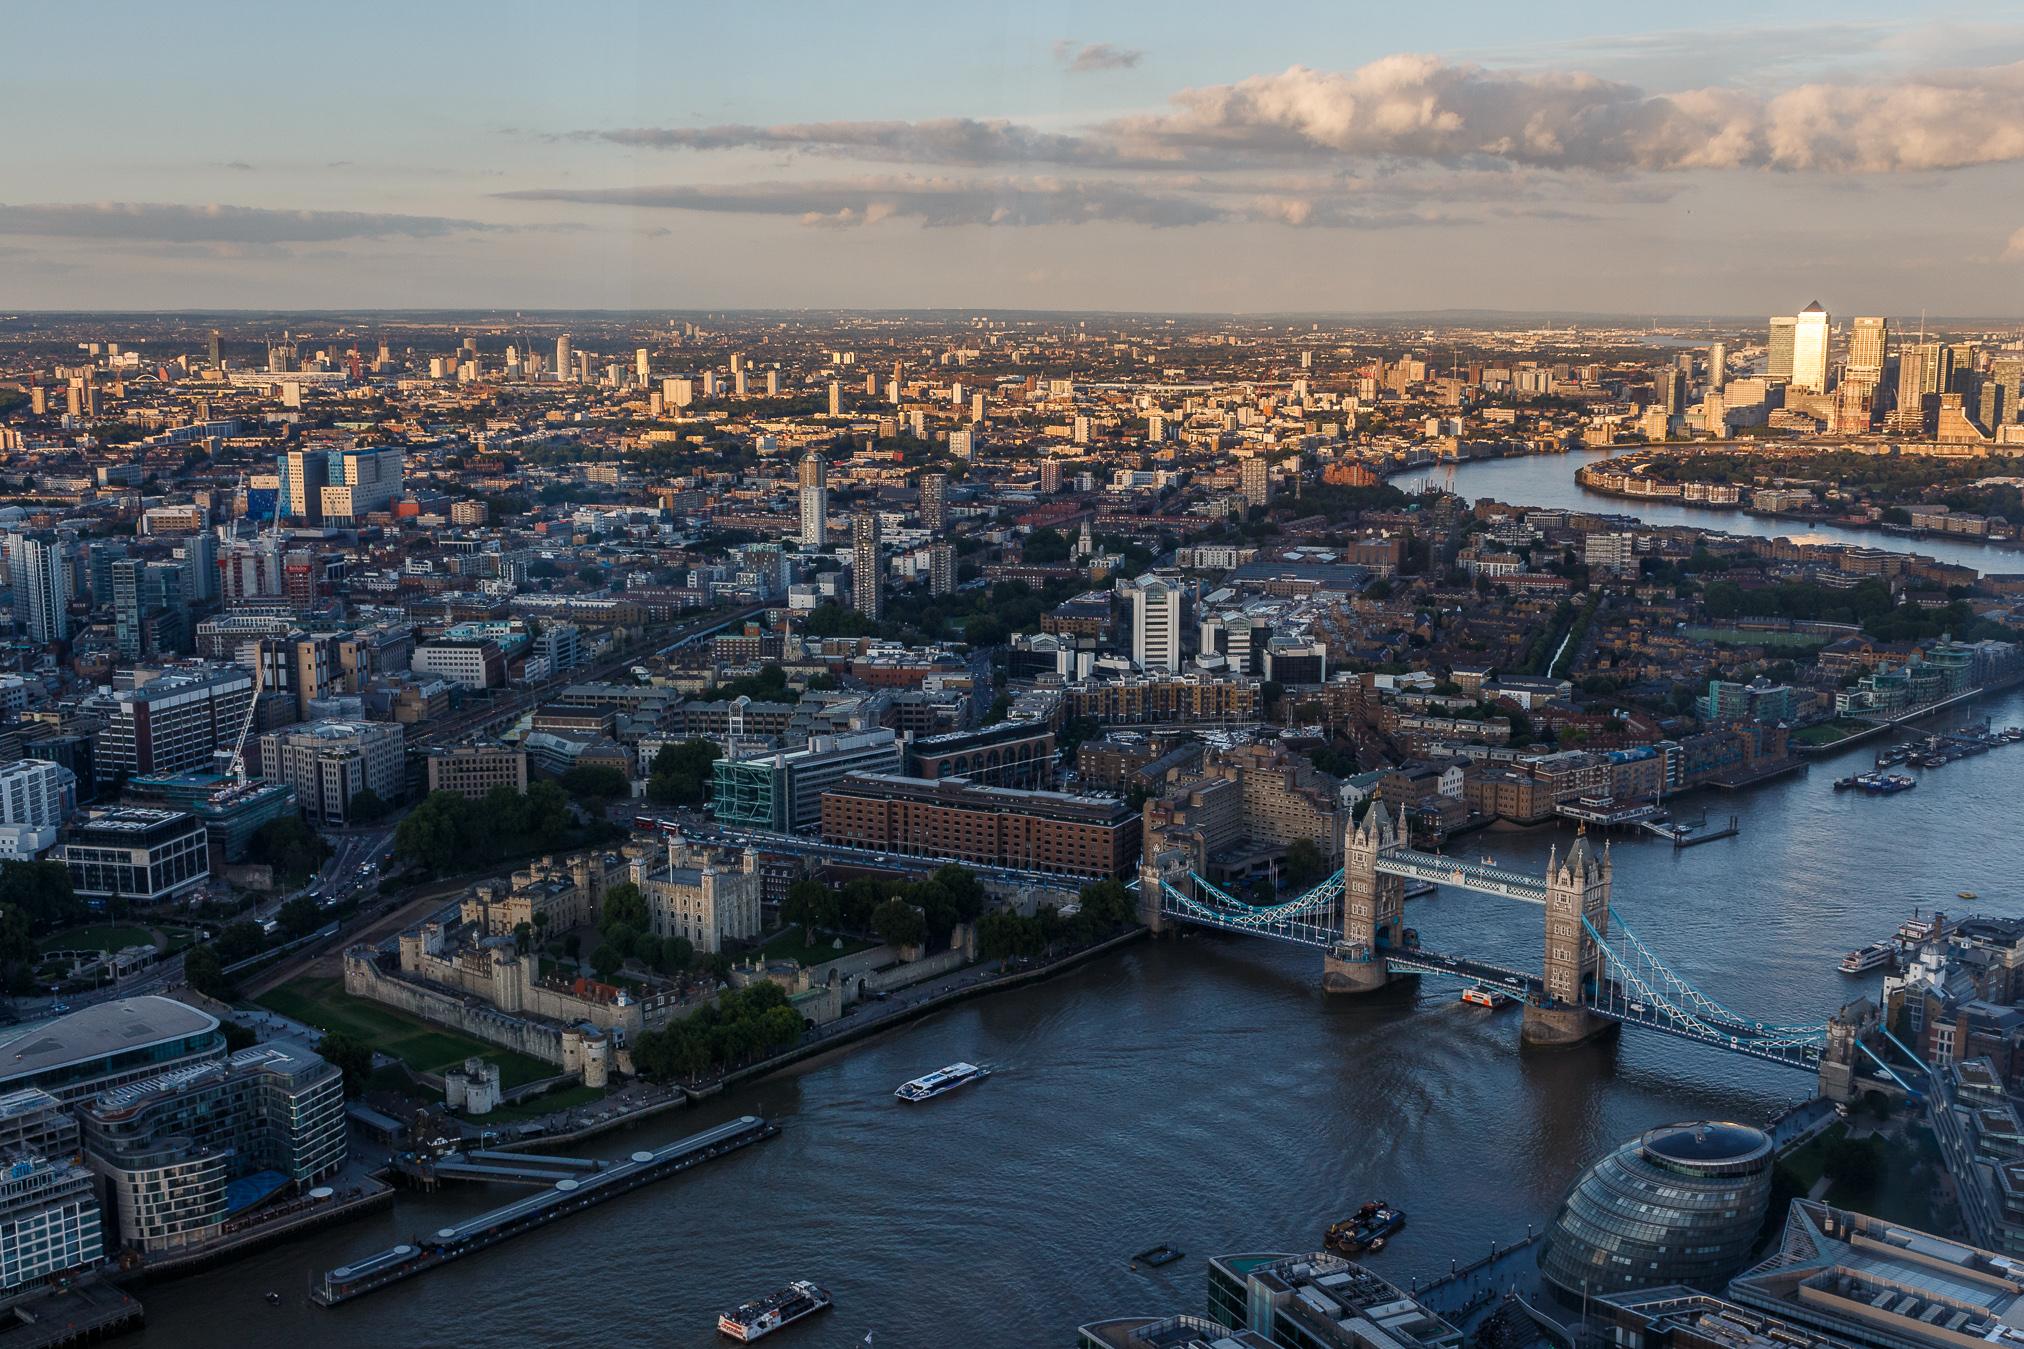 Von The Shard, dem höchsten Gebäude der EU, hat man einen fantastischen Blick auf London - man muss jedoch mit starken Spiegelungen leben